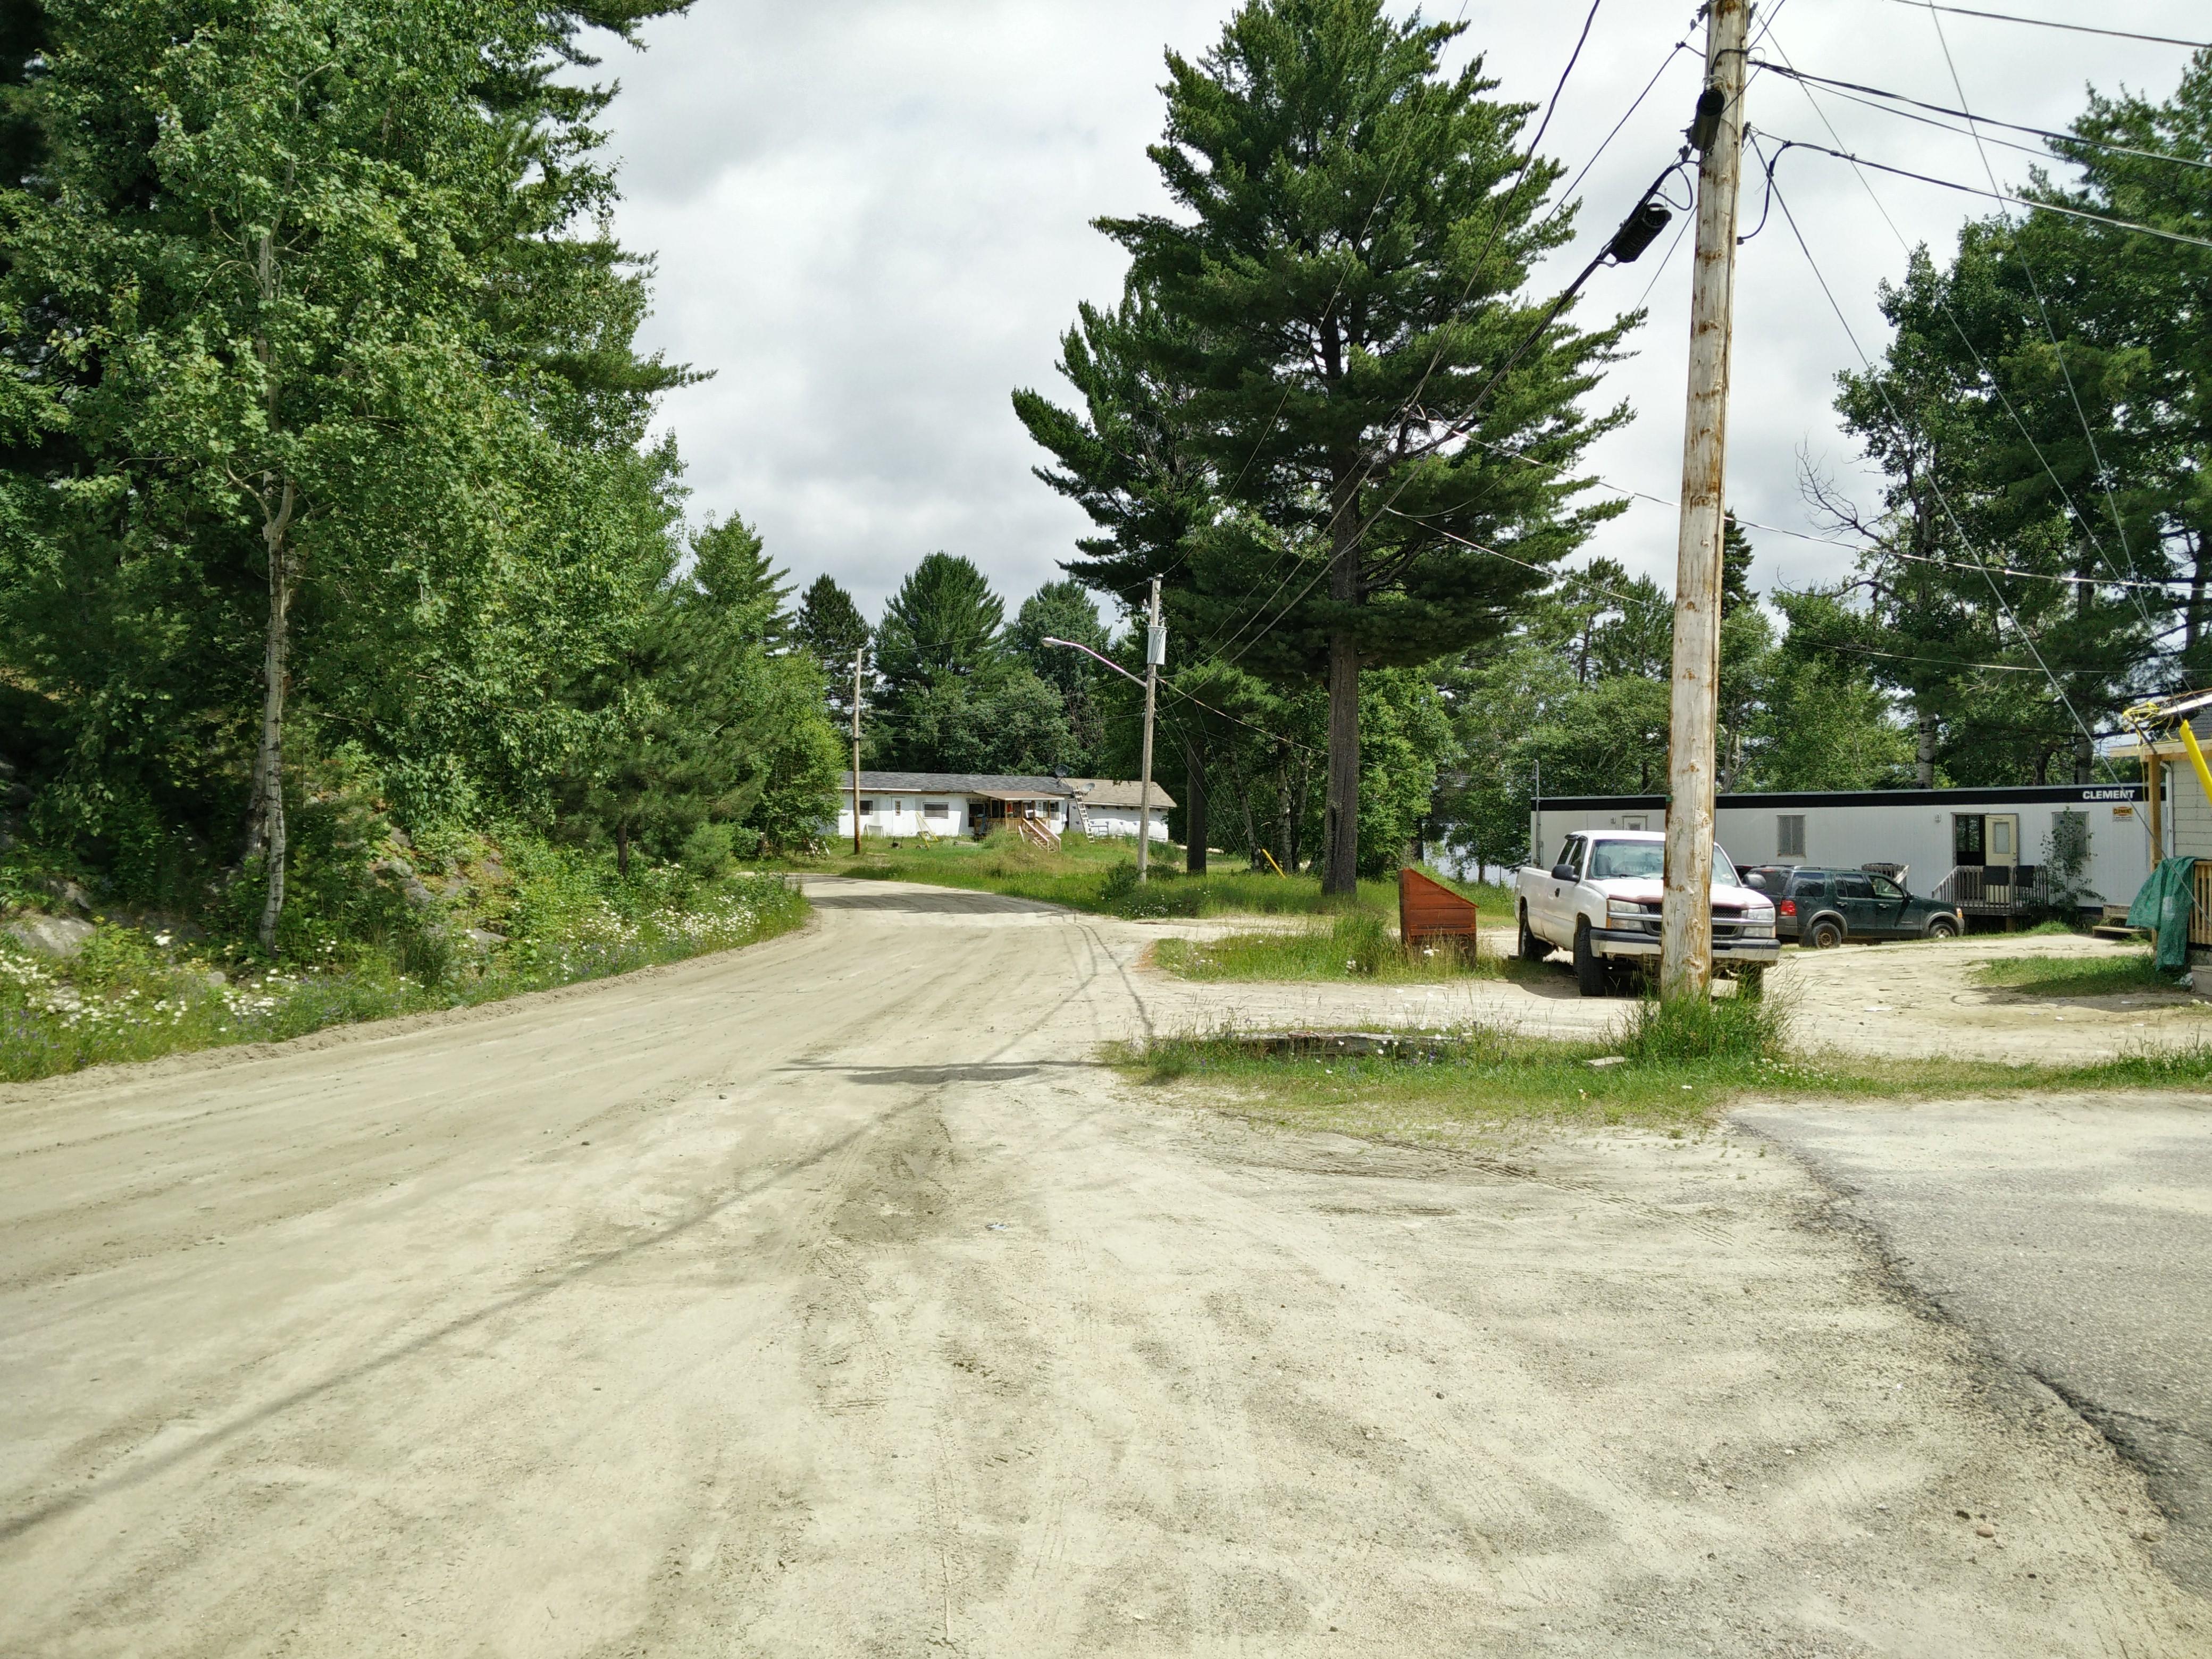 Maisons à Rapid Lake. Les routes sont en terre.